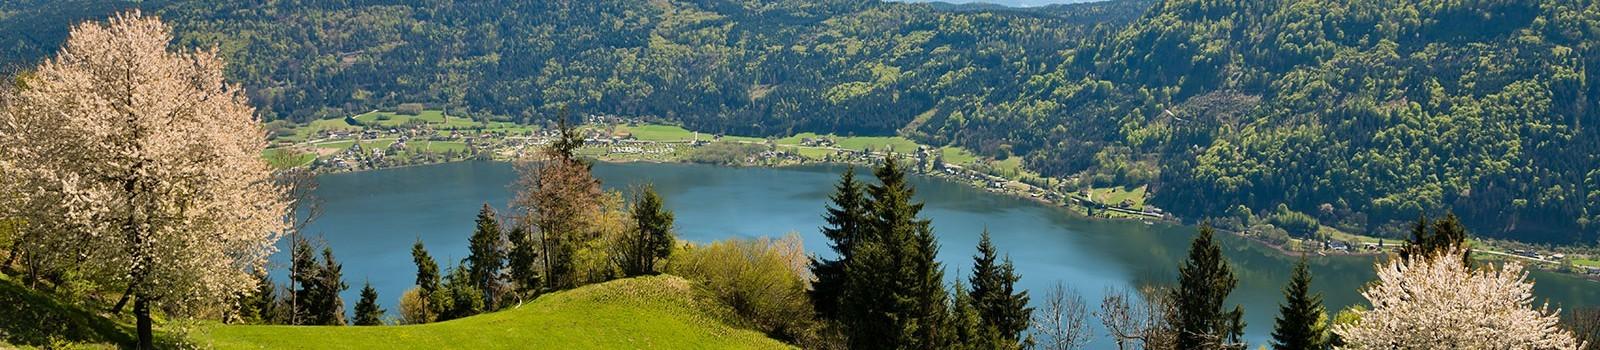 Frühling in Kärnten-Ossiacher See- Hotel Nudelbacher Feldkirchen